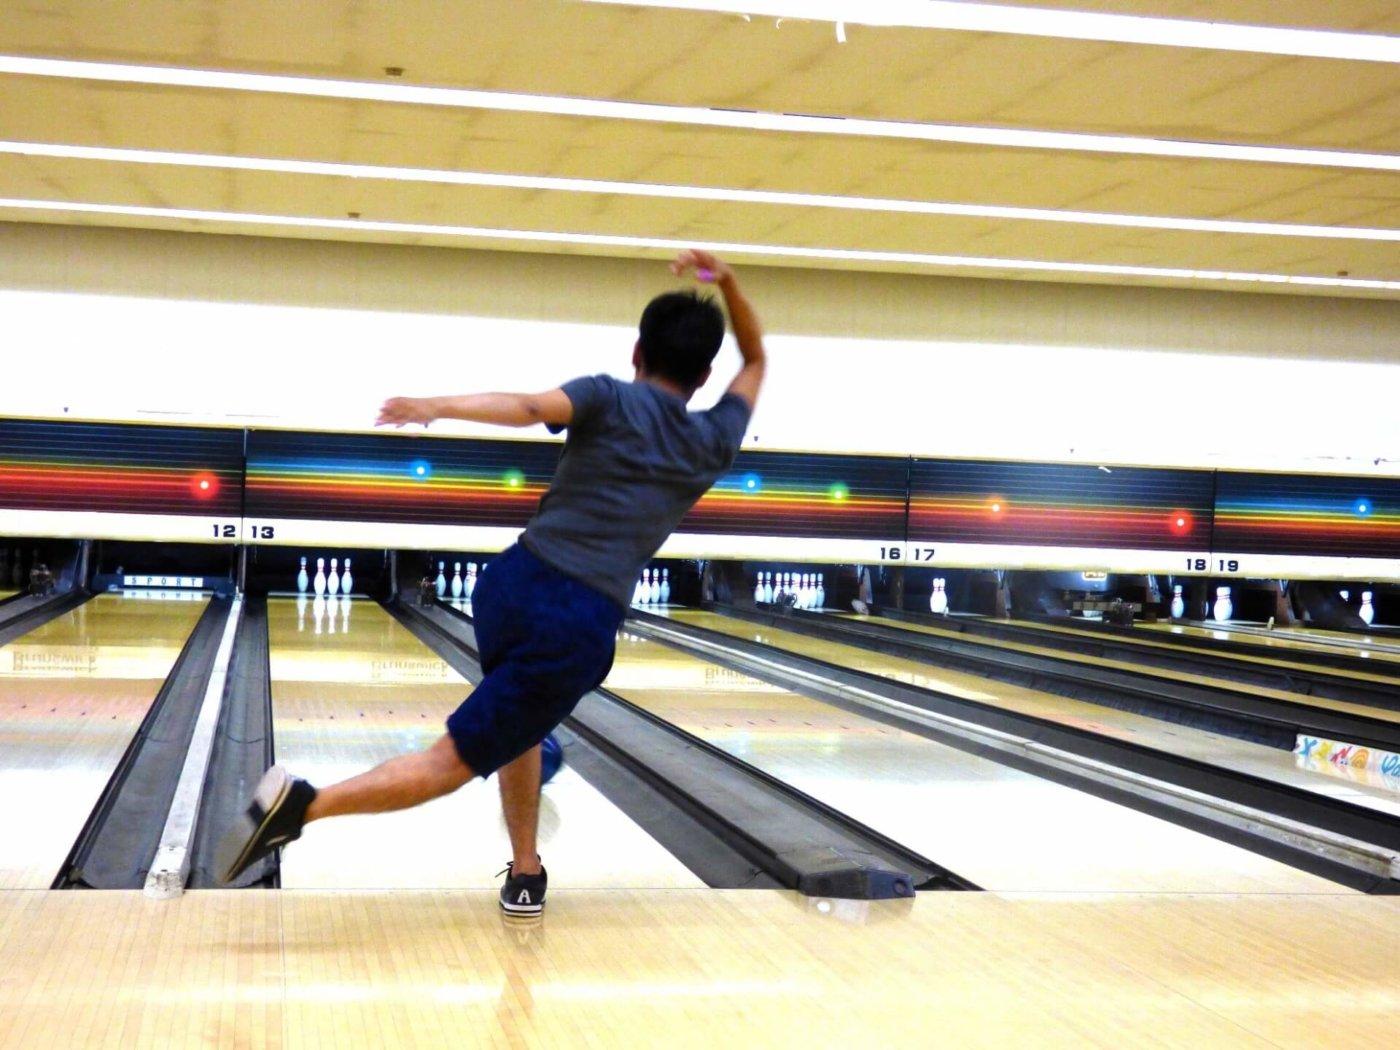 ボウリングでフックボールを投げるなら持ち方はこうだ!